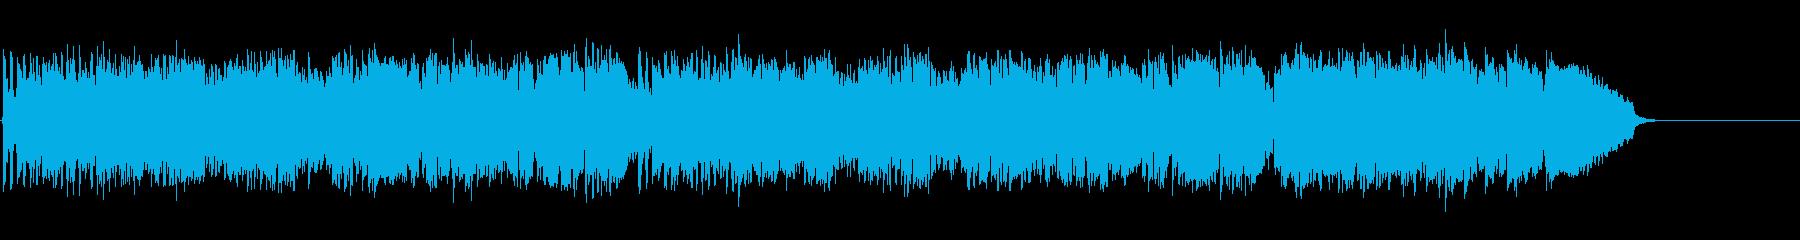 高貴なイメージの木管四重奏クラシックの再生済みの波形